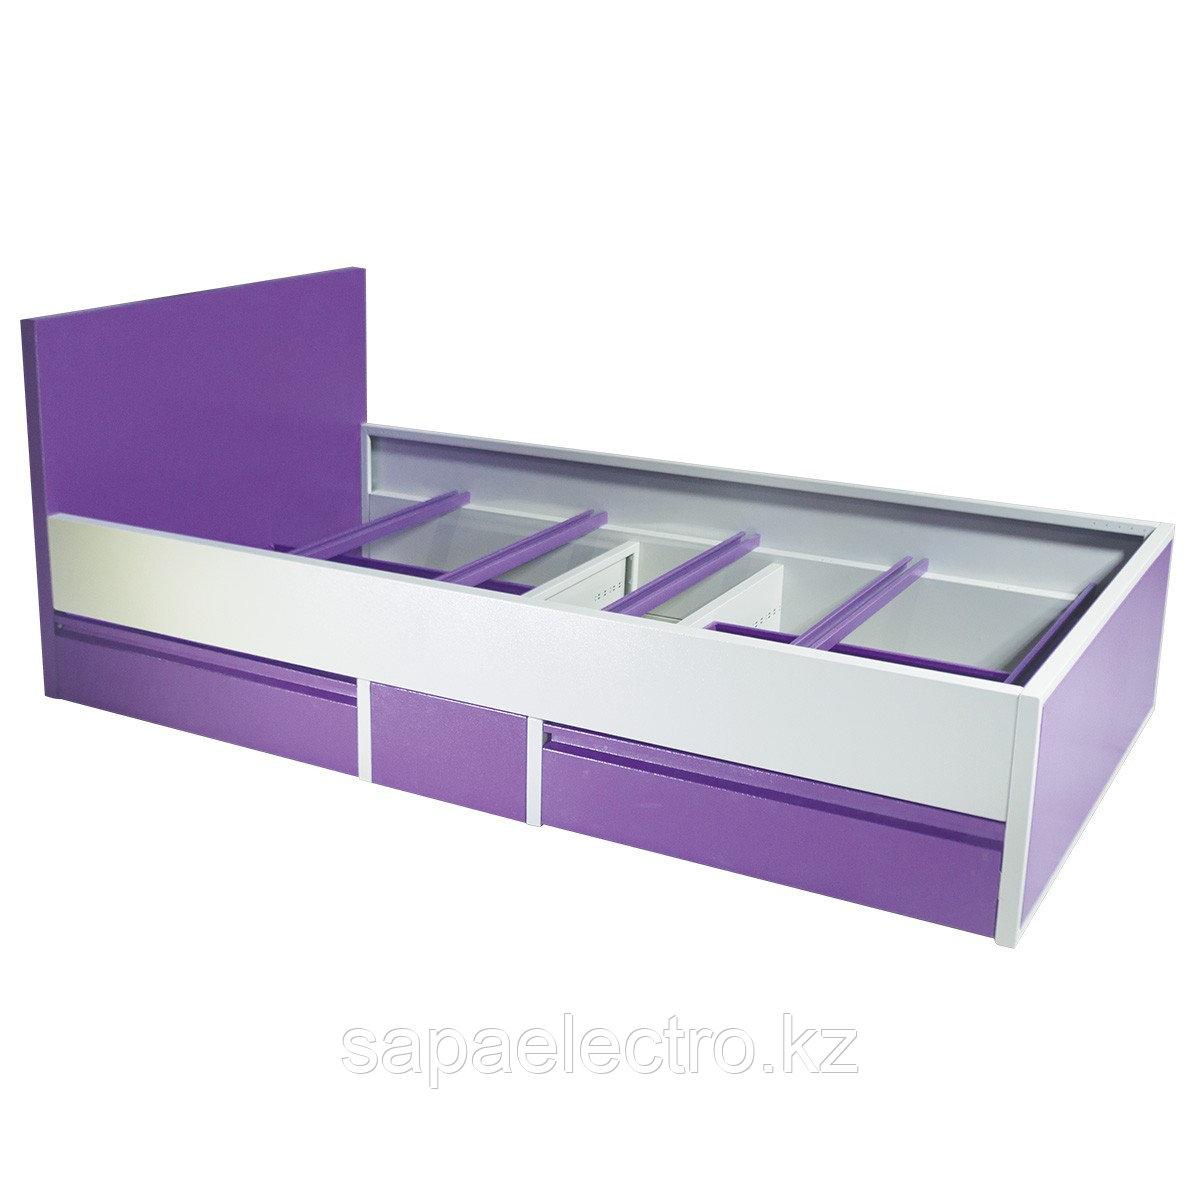 Кровать одноярусная металлическая с выдвижными ящик